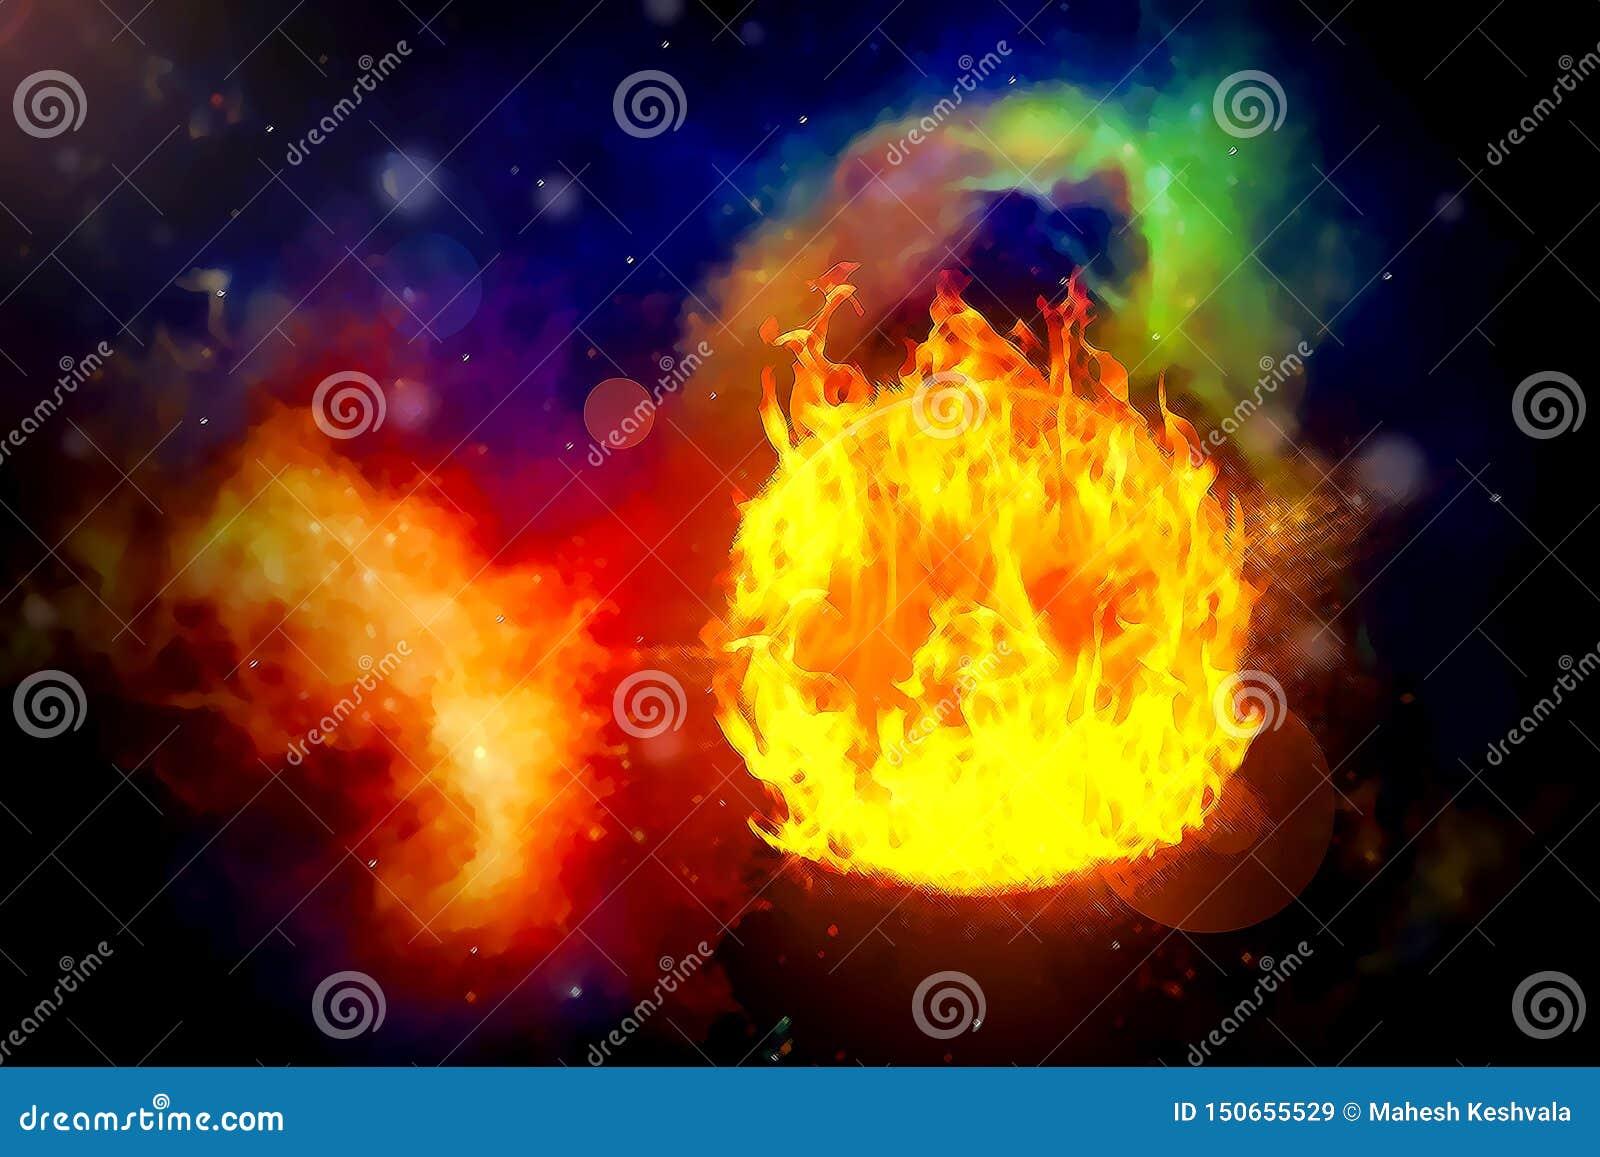 Brandplaneet in de achtergrondmelkwegen en de lichtgevende sterren